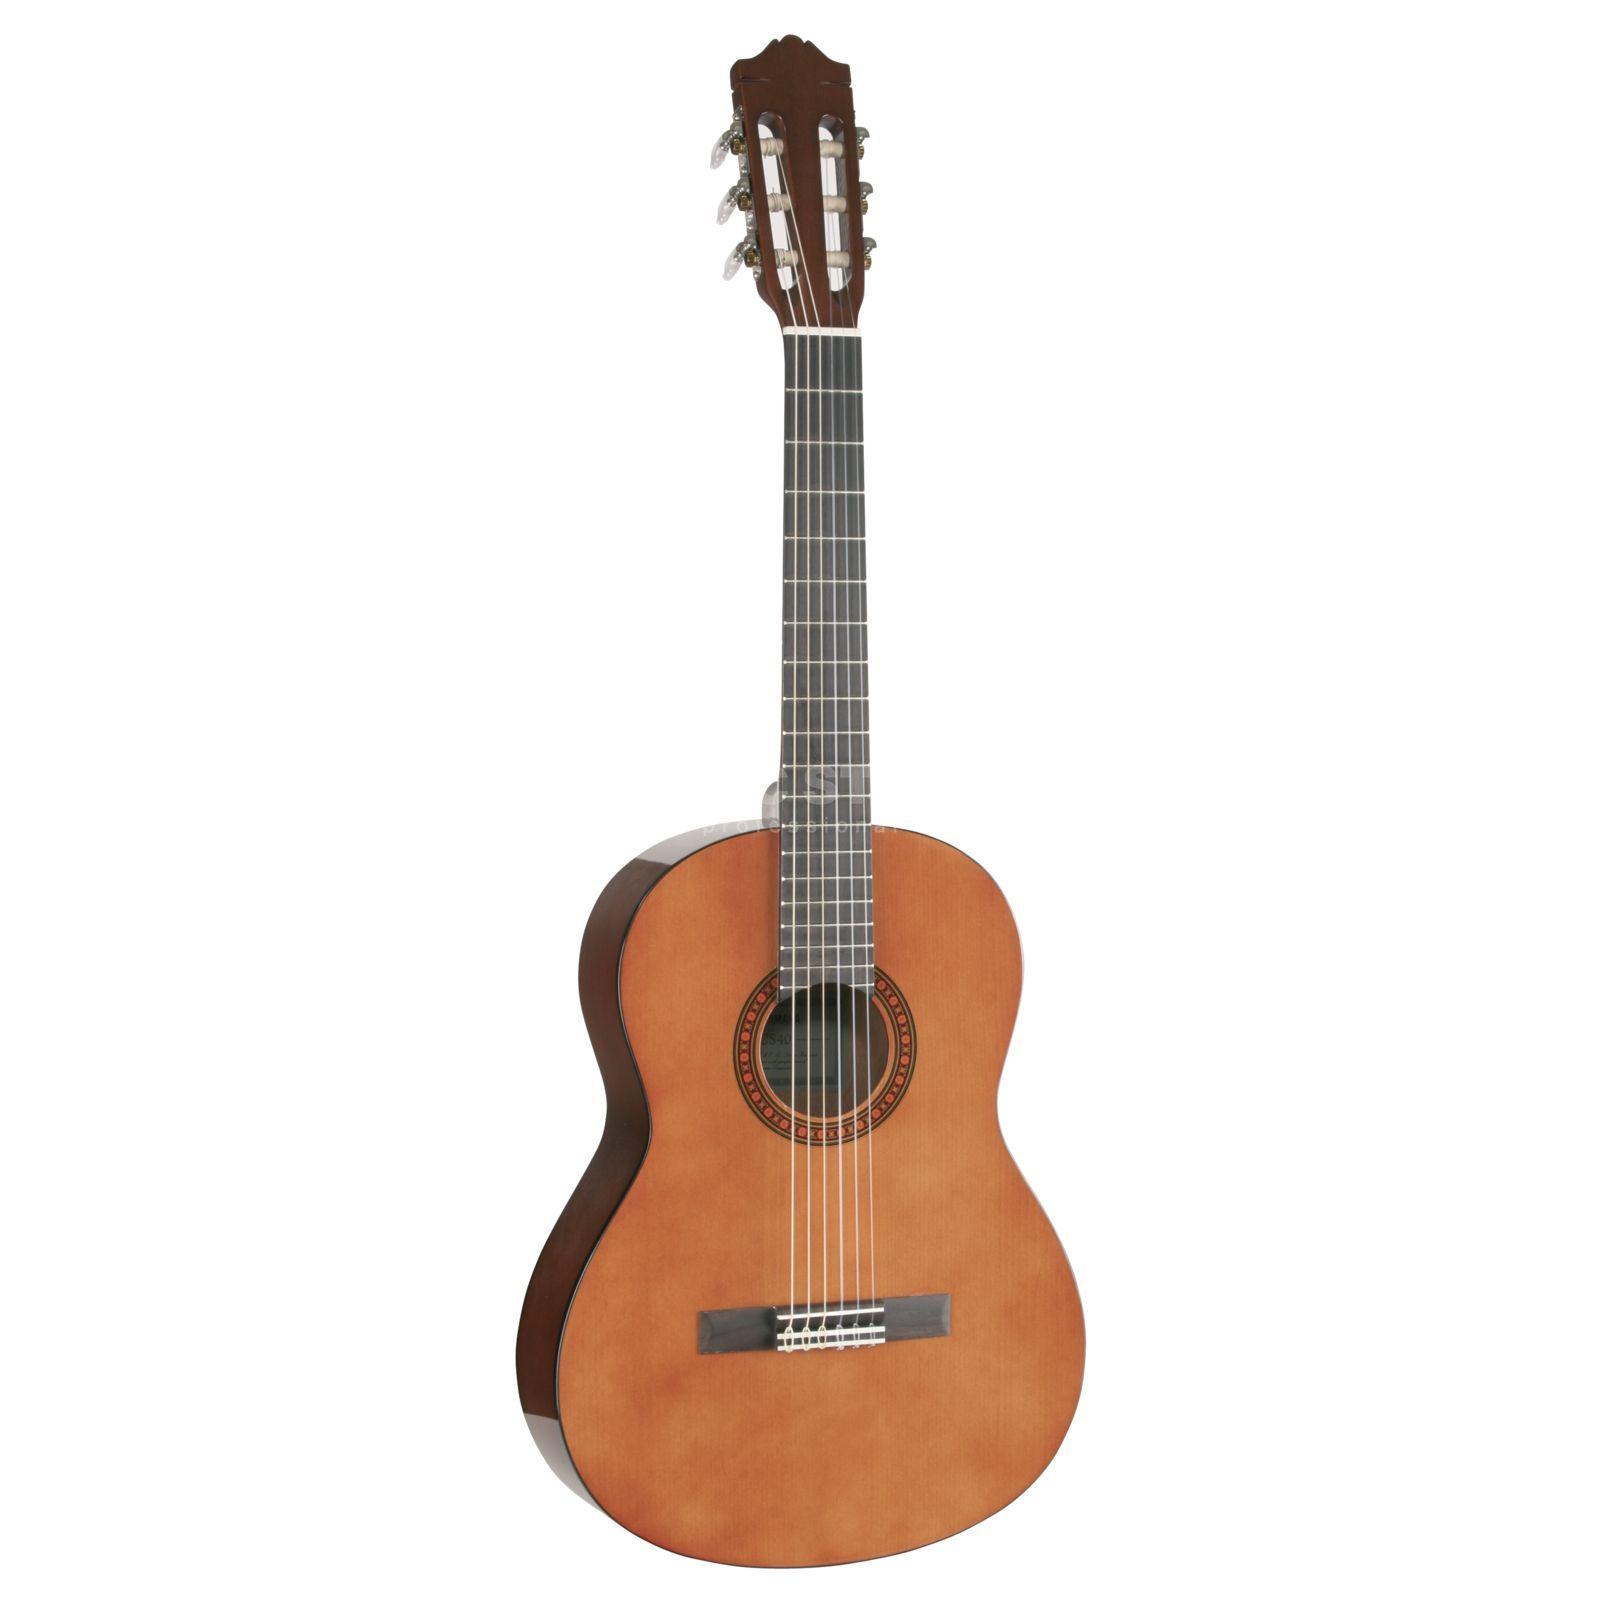 Yamaha Cs Guitar